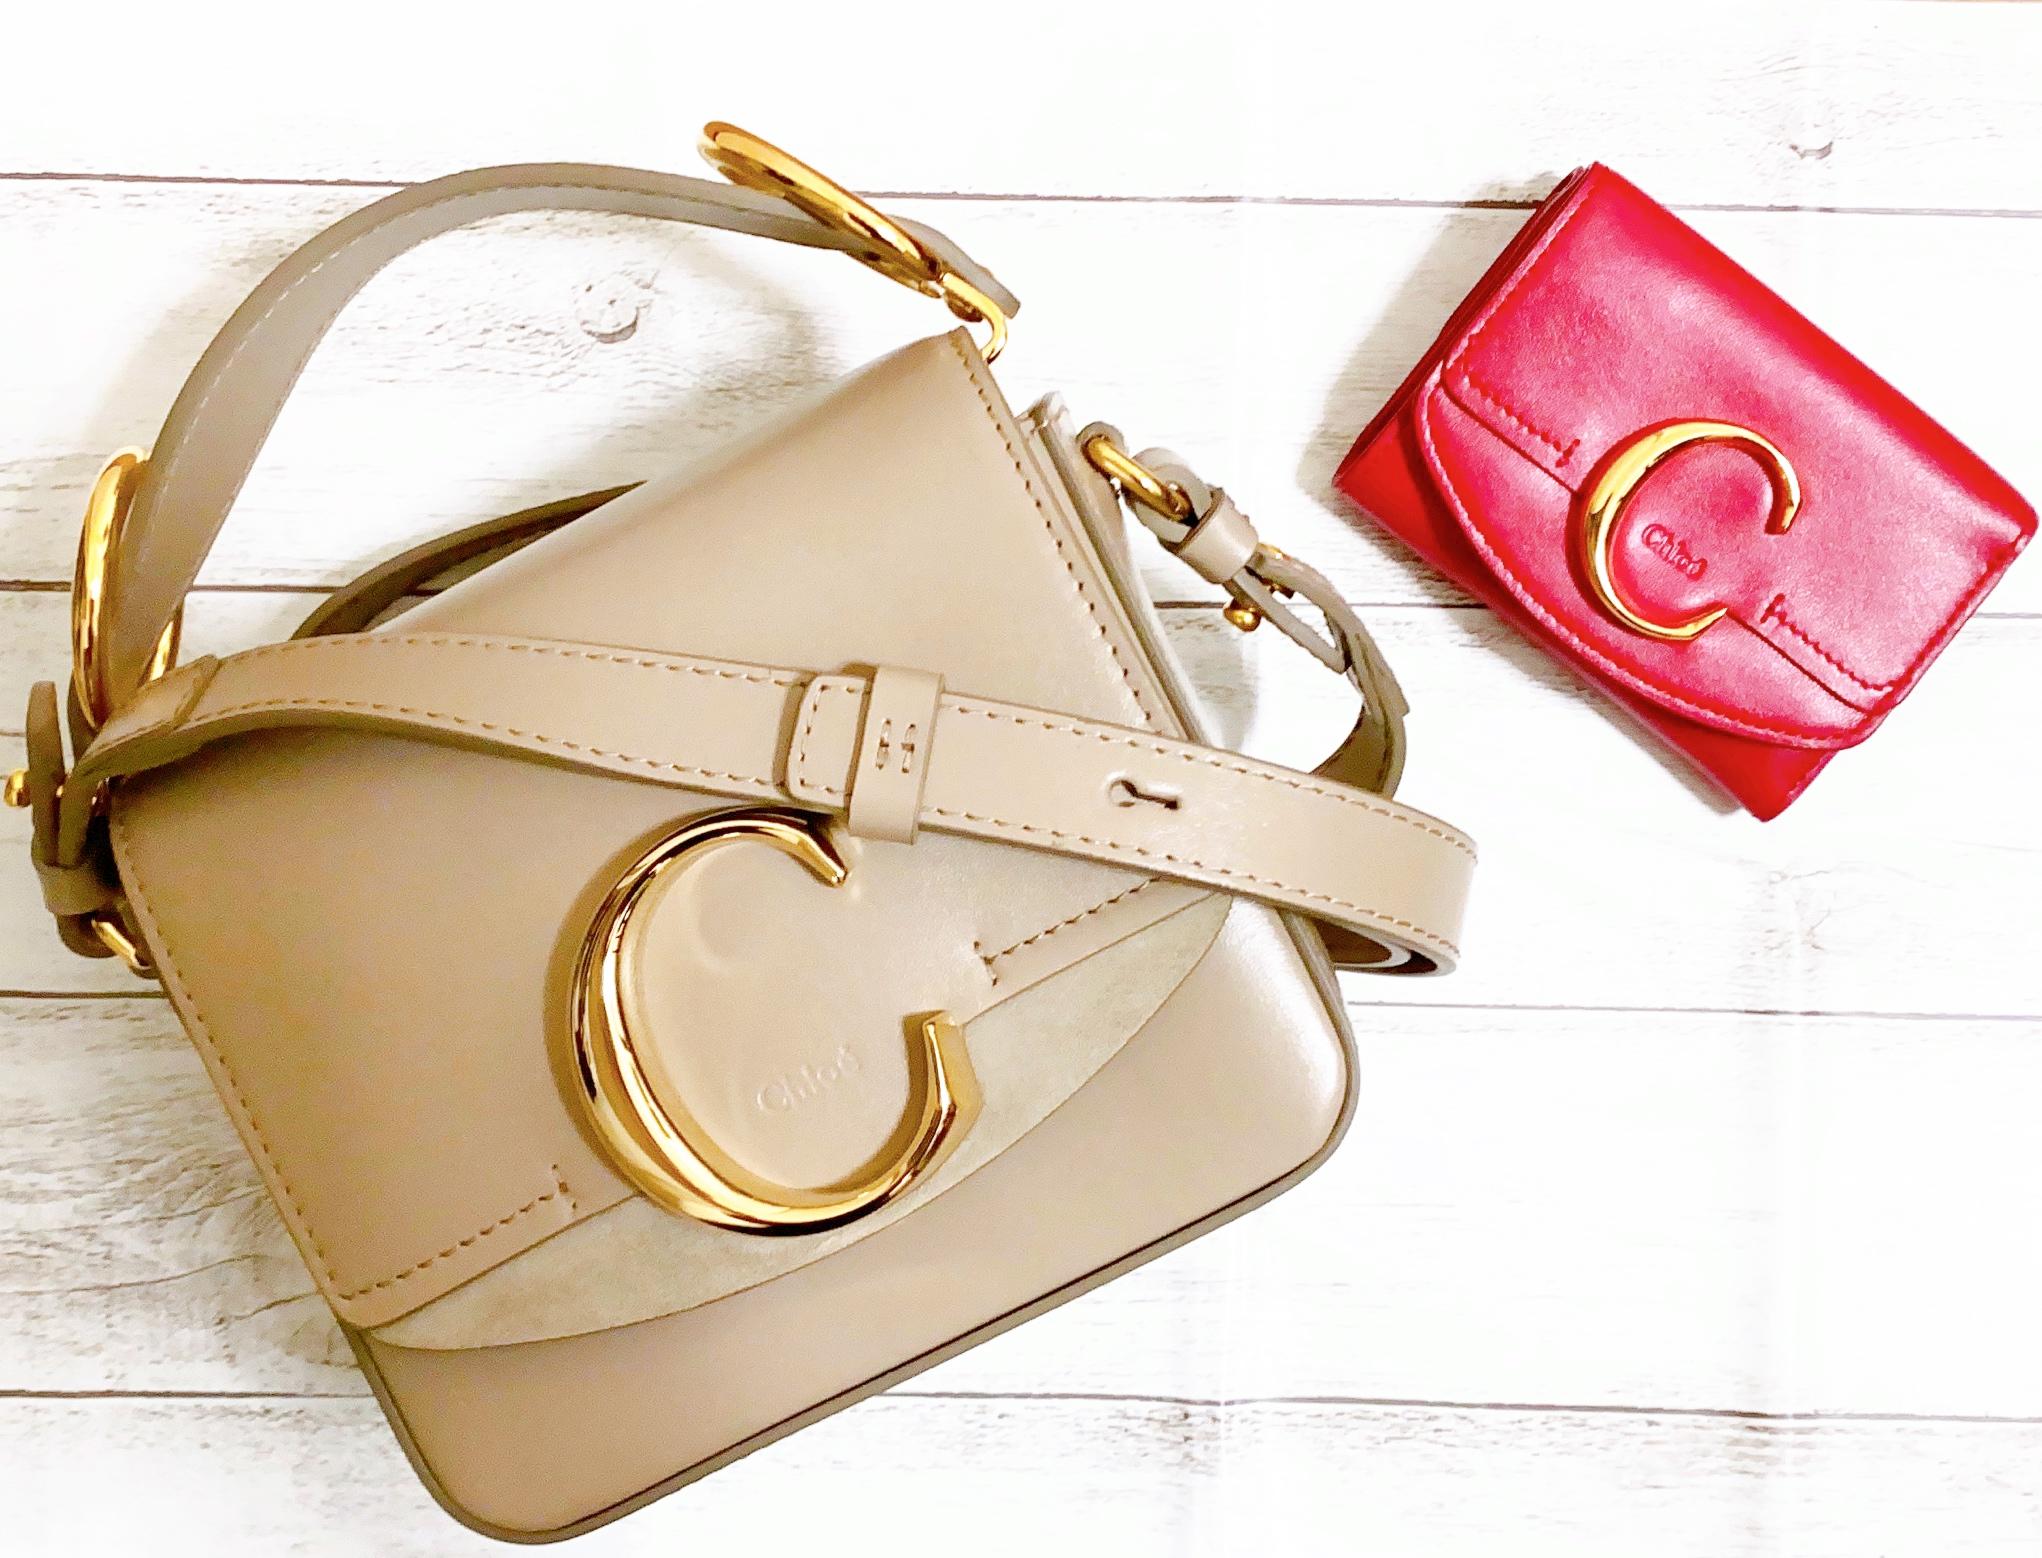 【Chloé Cシリーズが可愛い!】おそろで持ちたい♡ミニバッグとミニ財布_1